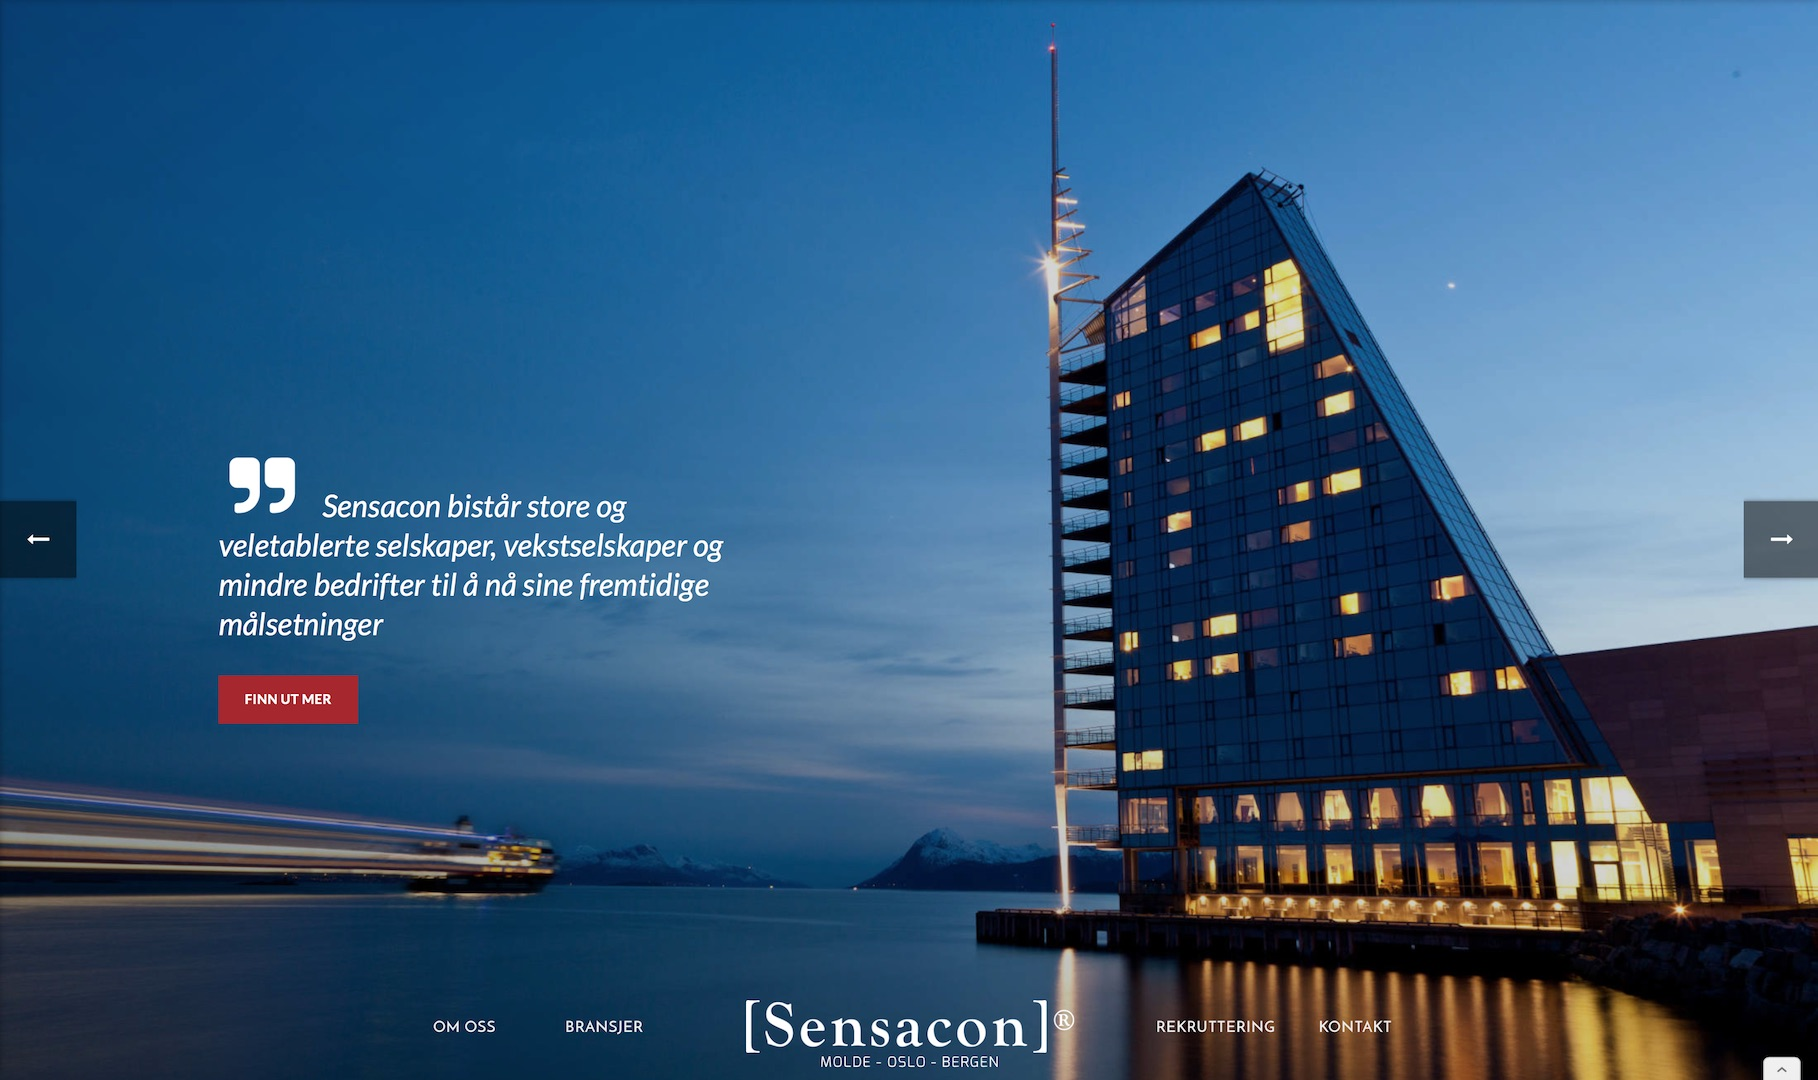 Sensacon er et konsulentbyrå med kontorer i Molde, Oslo og Bergen. De bistår bedrifter med å nå sine fremtidige målsetninger. Se deres nye nettside her!